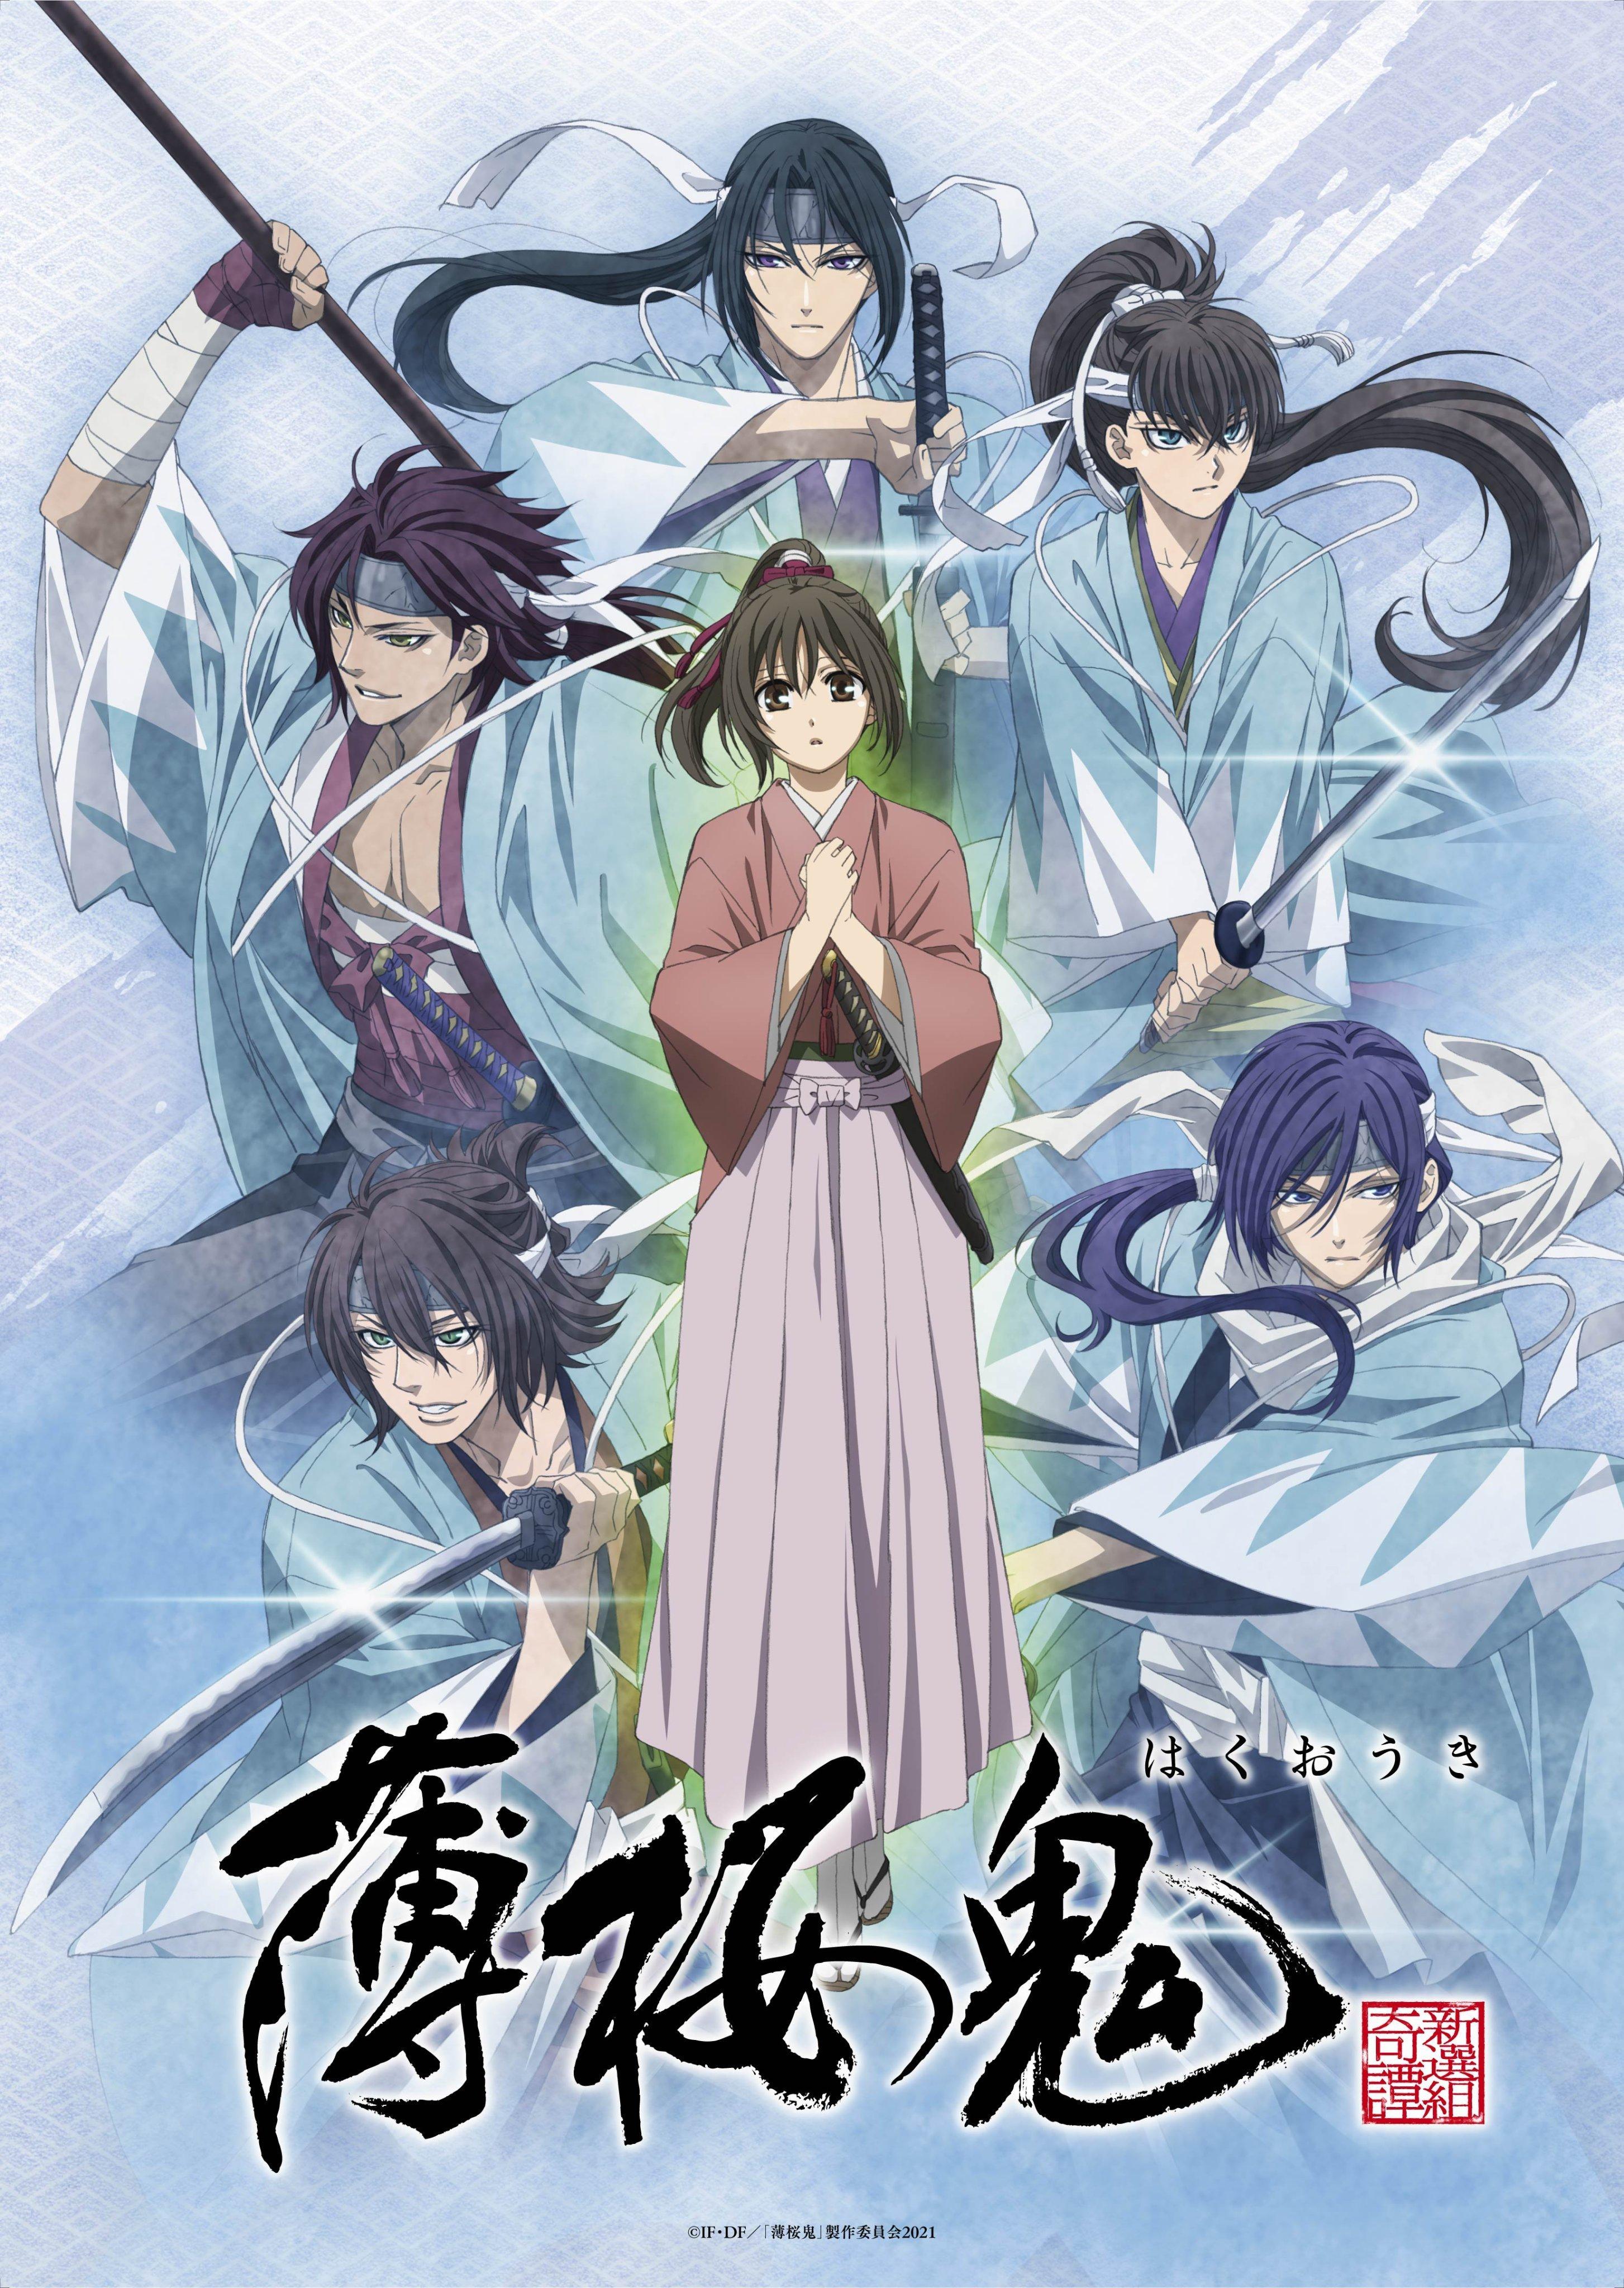 新作OVA《薄樱鬼》动画PV和视觉图公开